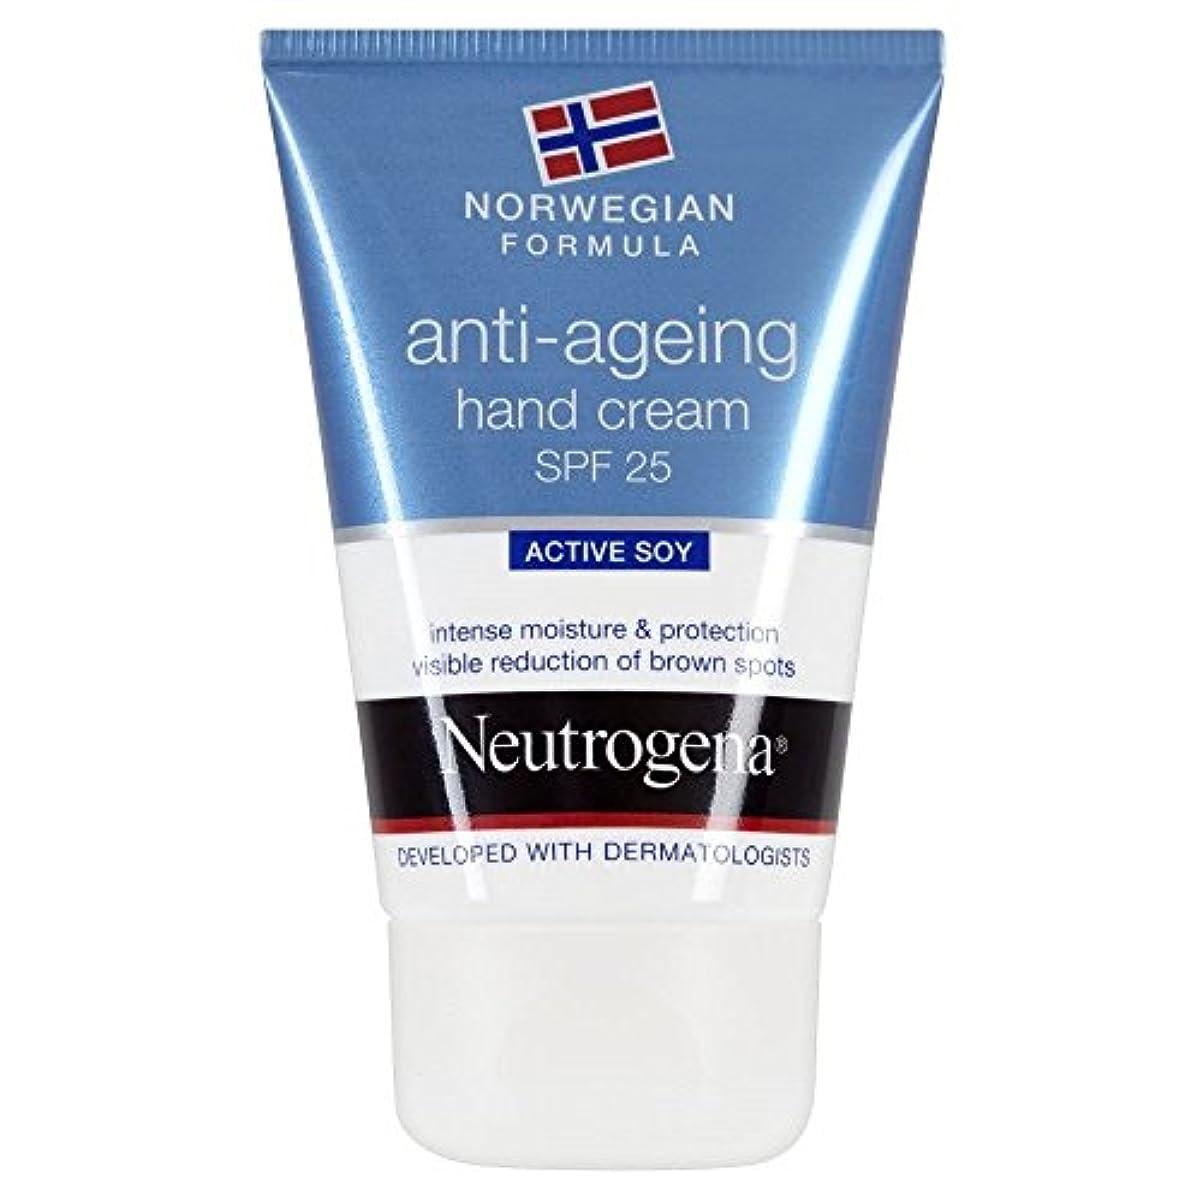 気候の山閉塞空中[Neutrogena] ニュートロジーナノルウェー式アンチエイジングハンドクリームSpf25(50Ml)中 - Neutrogena Norwegian Formula Anti Ageing Hand Cream Spf25...